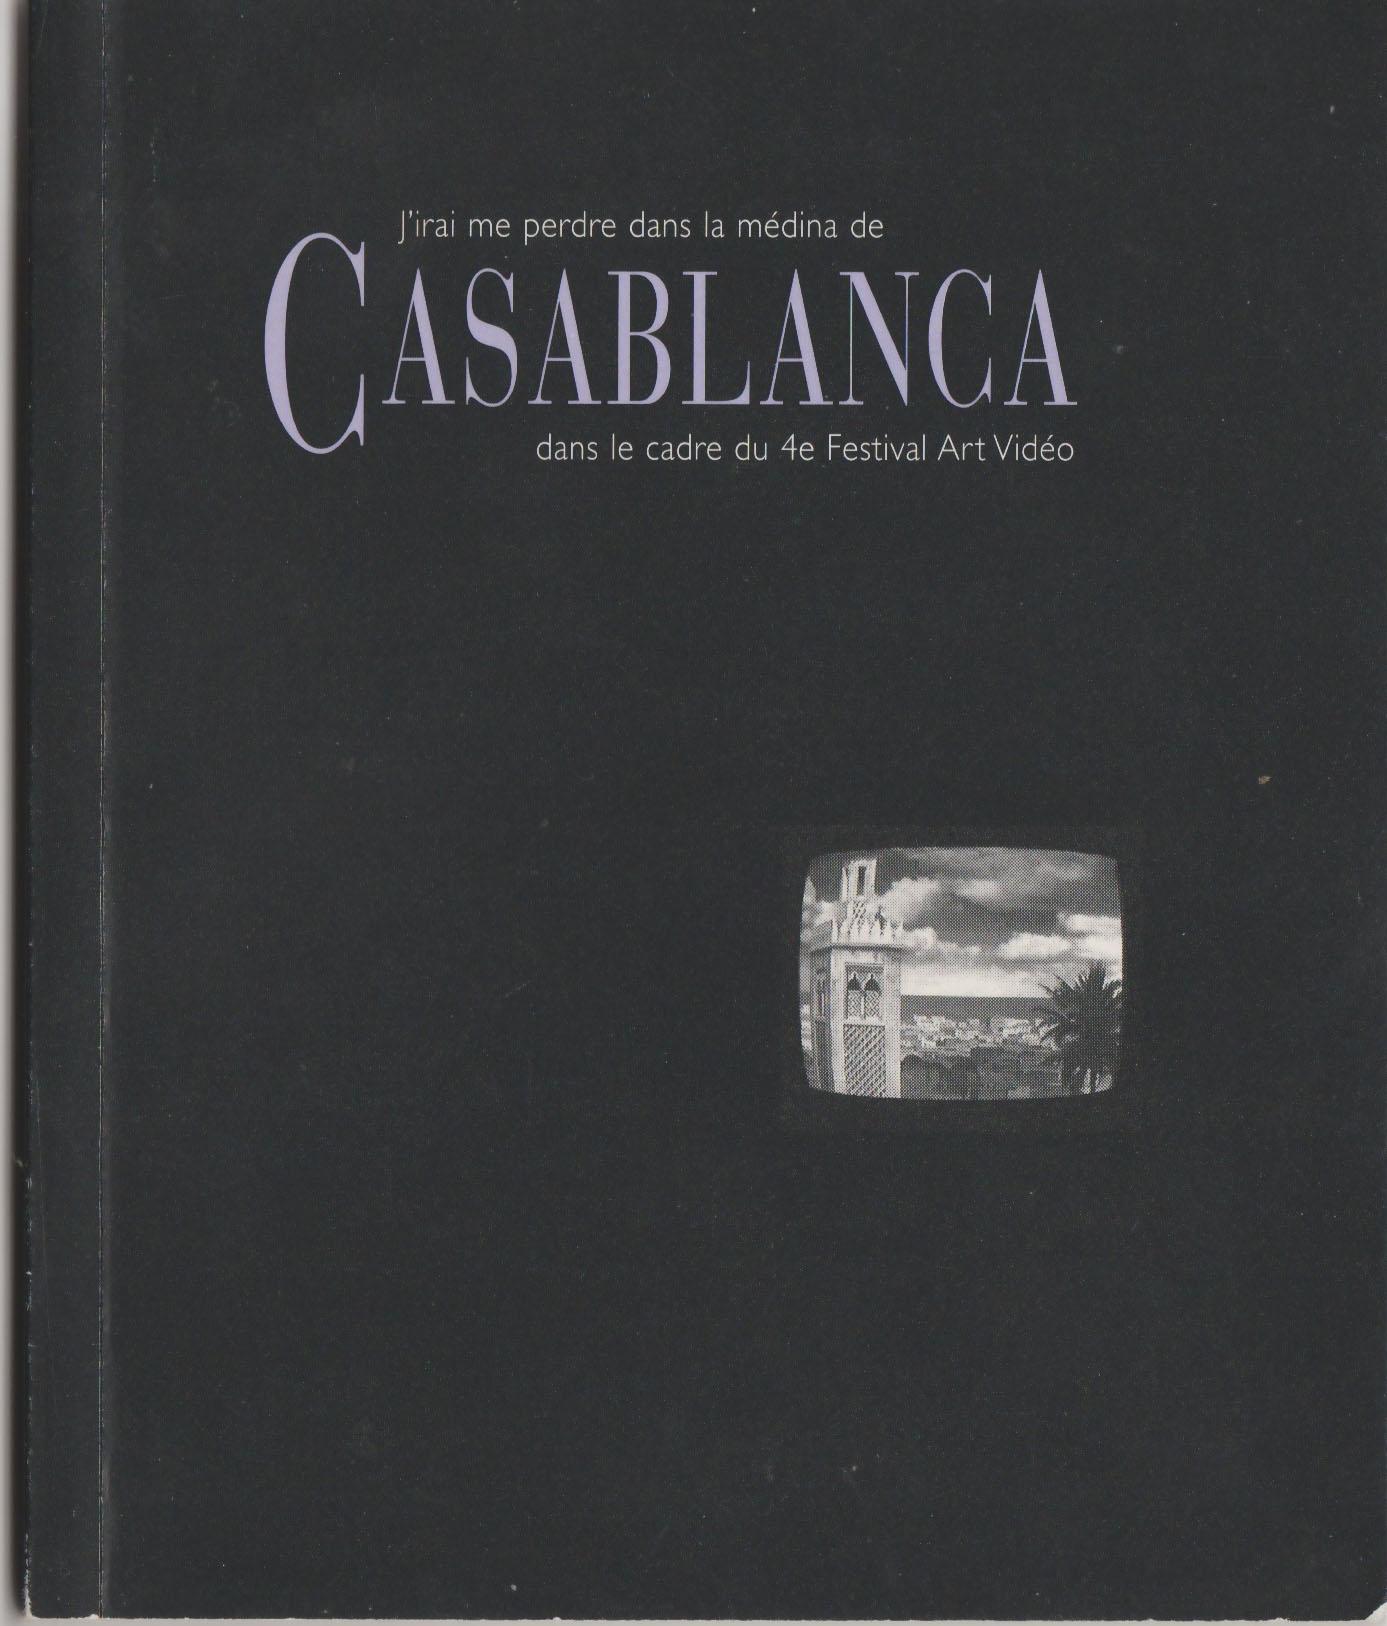 Casablanca brochure